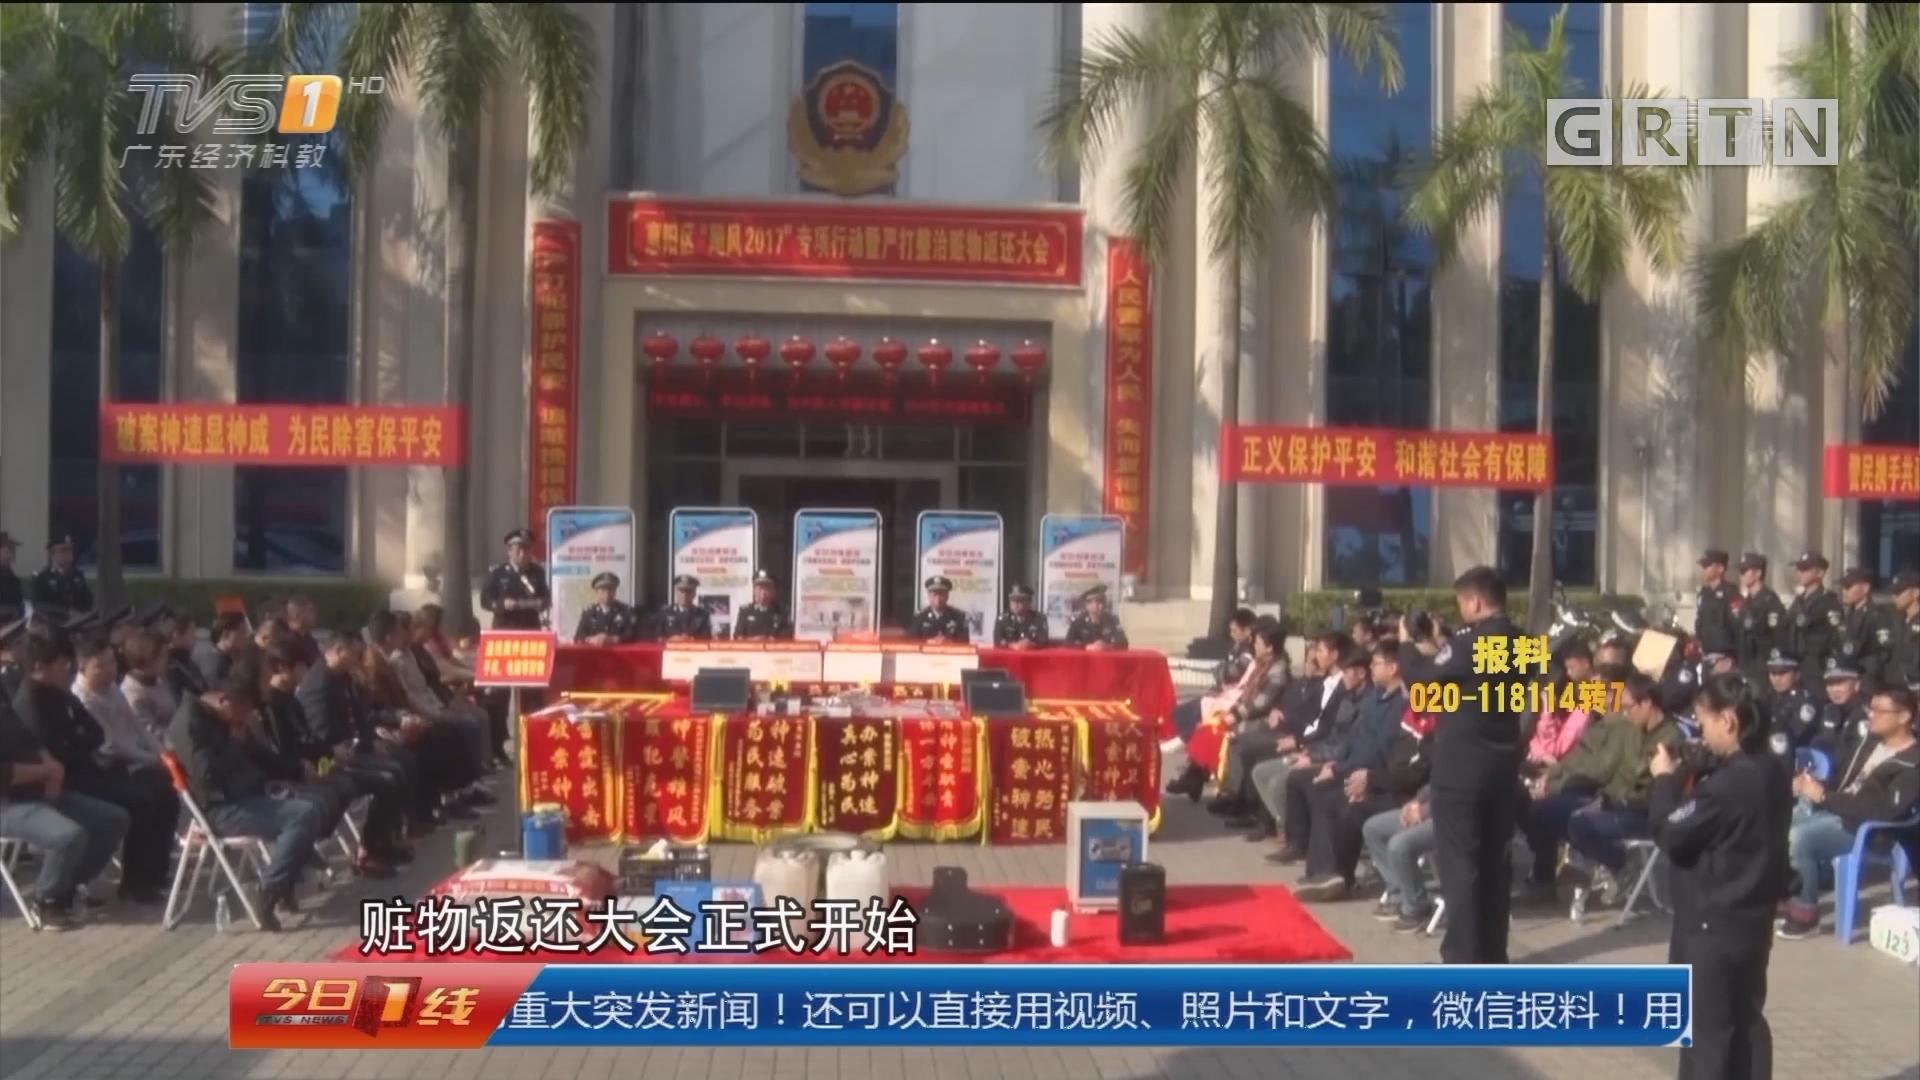 惠州惠阳区:赃物返还大会 化肥农药在列